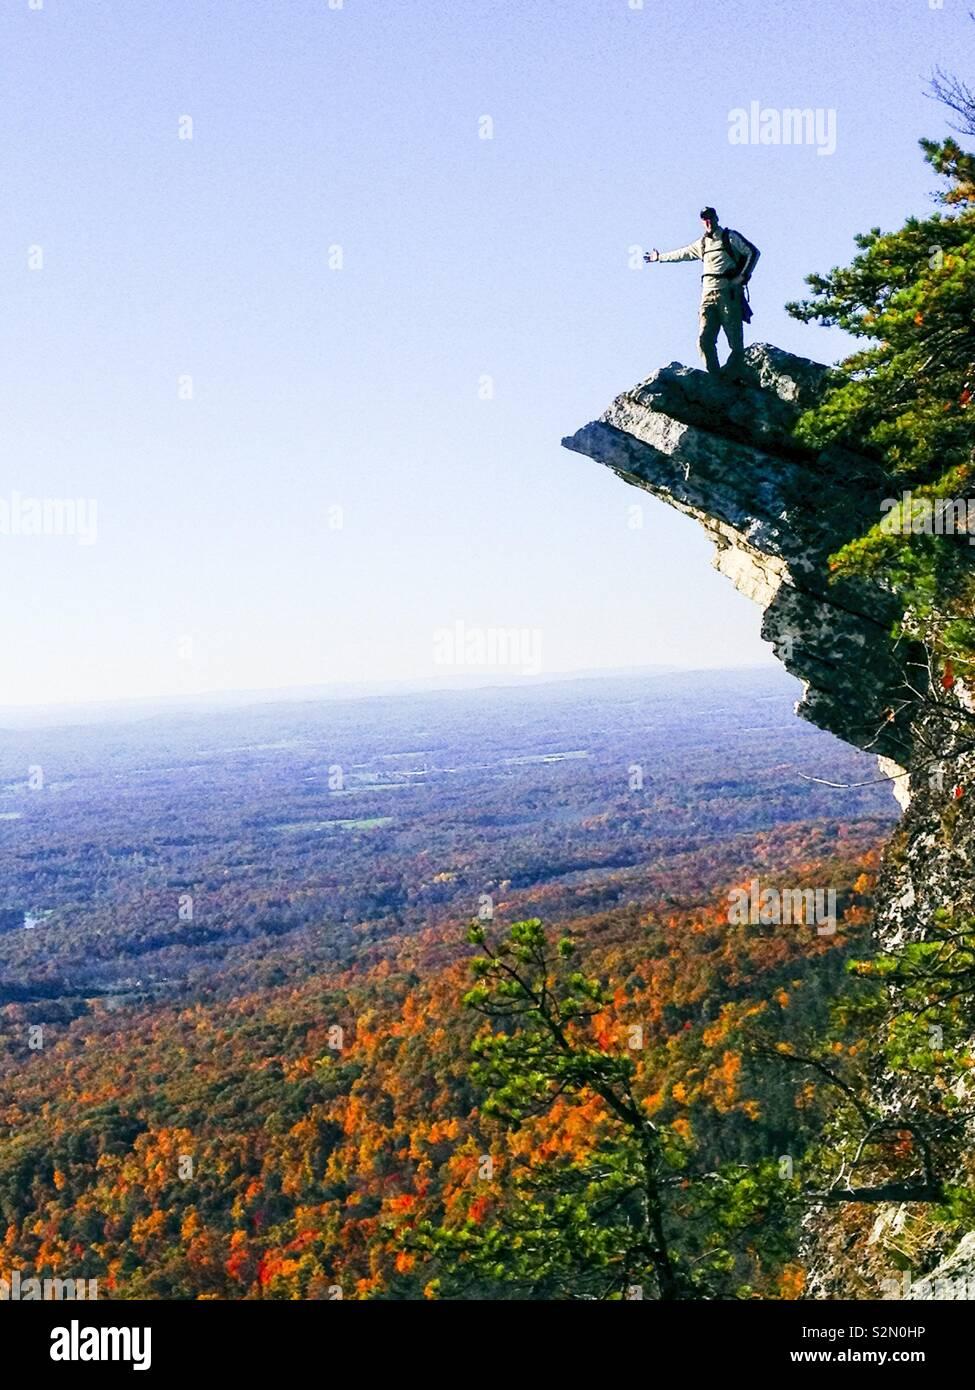 Excursionista cima escarpada aflorantes en el Estado de Nueva York en otoño Shawanagunks Imagen De Stock